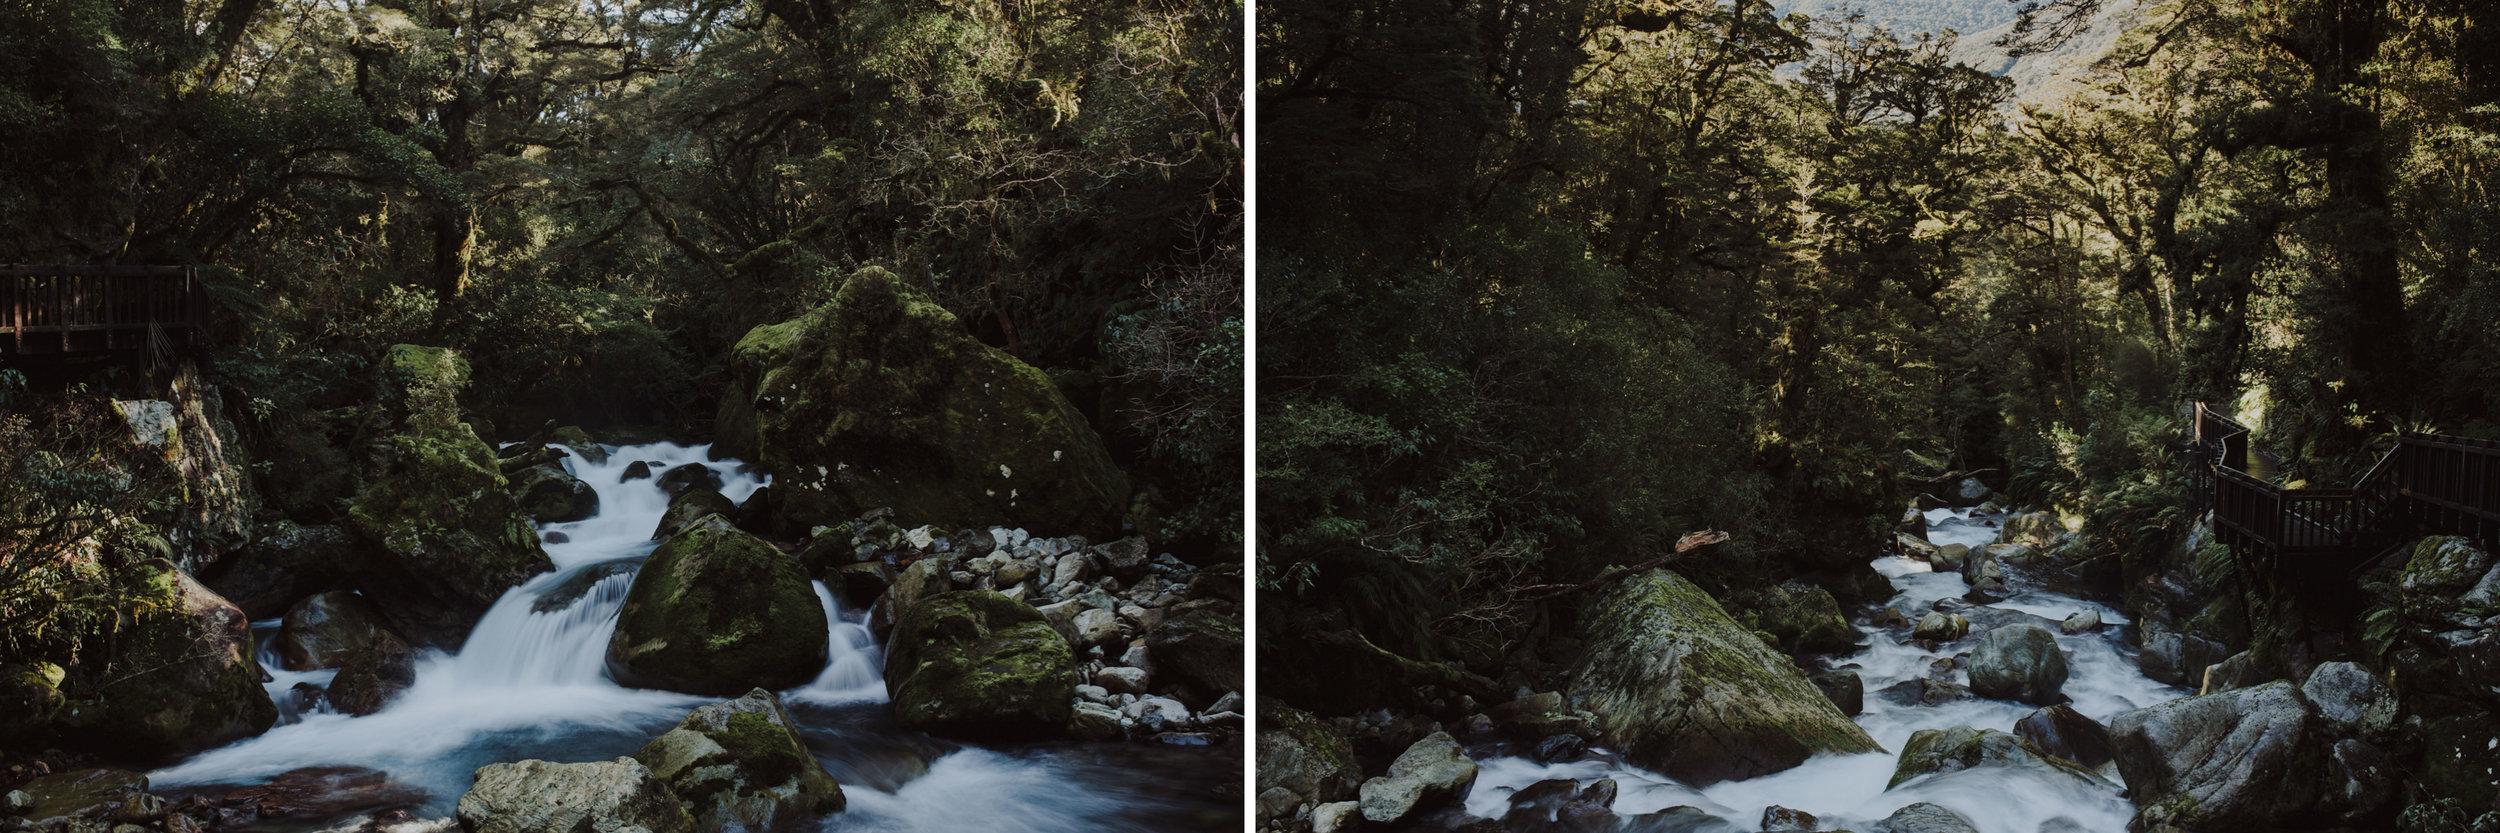 ElizaJadePhotography-5.jpg